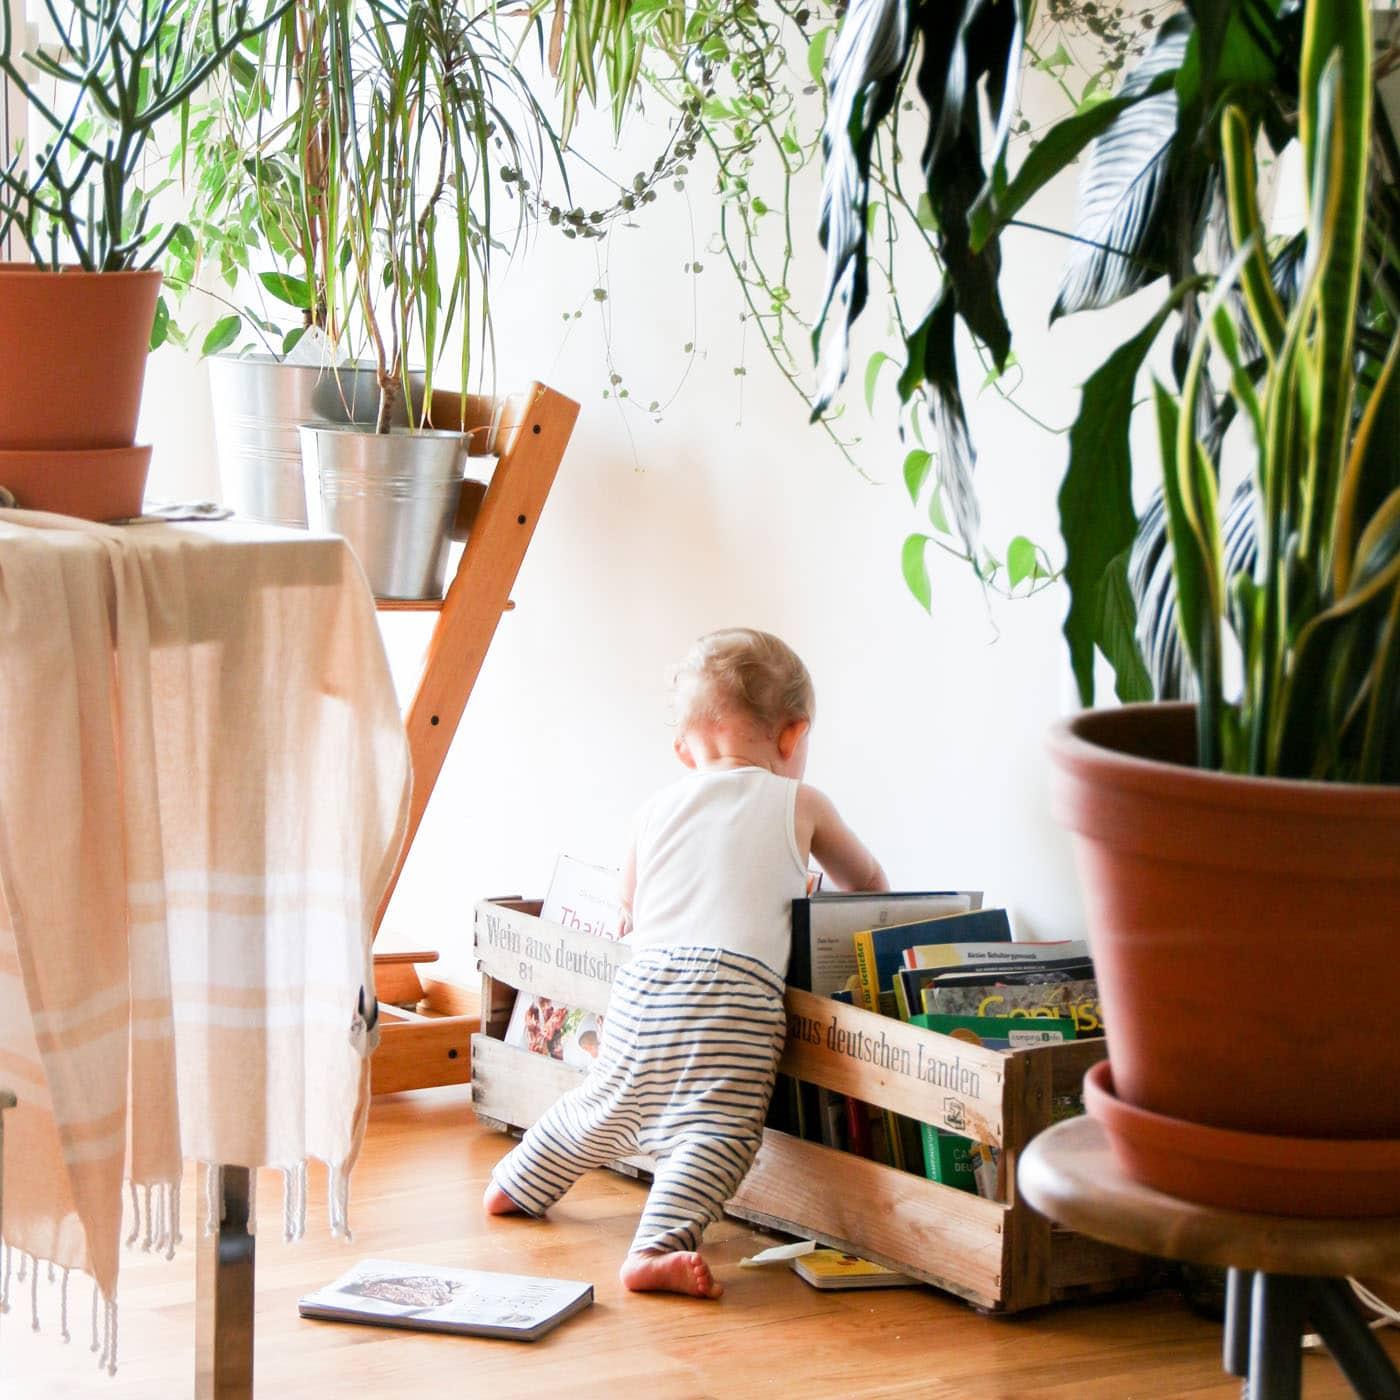 Kinderbuchladen in Berlin: Schöne Bücher schon für Leseanfänger // HIMBEER